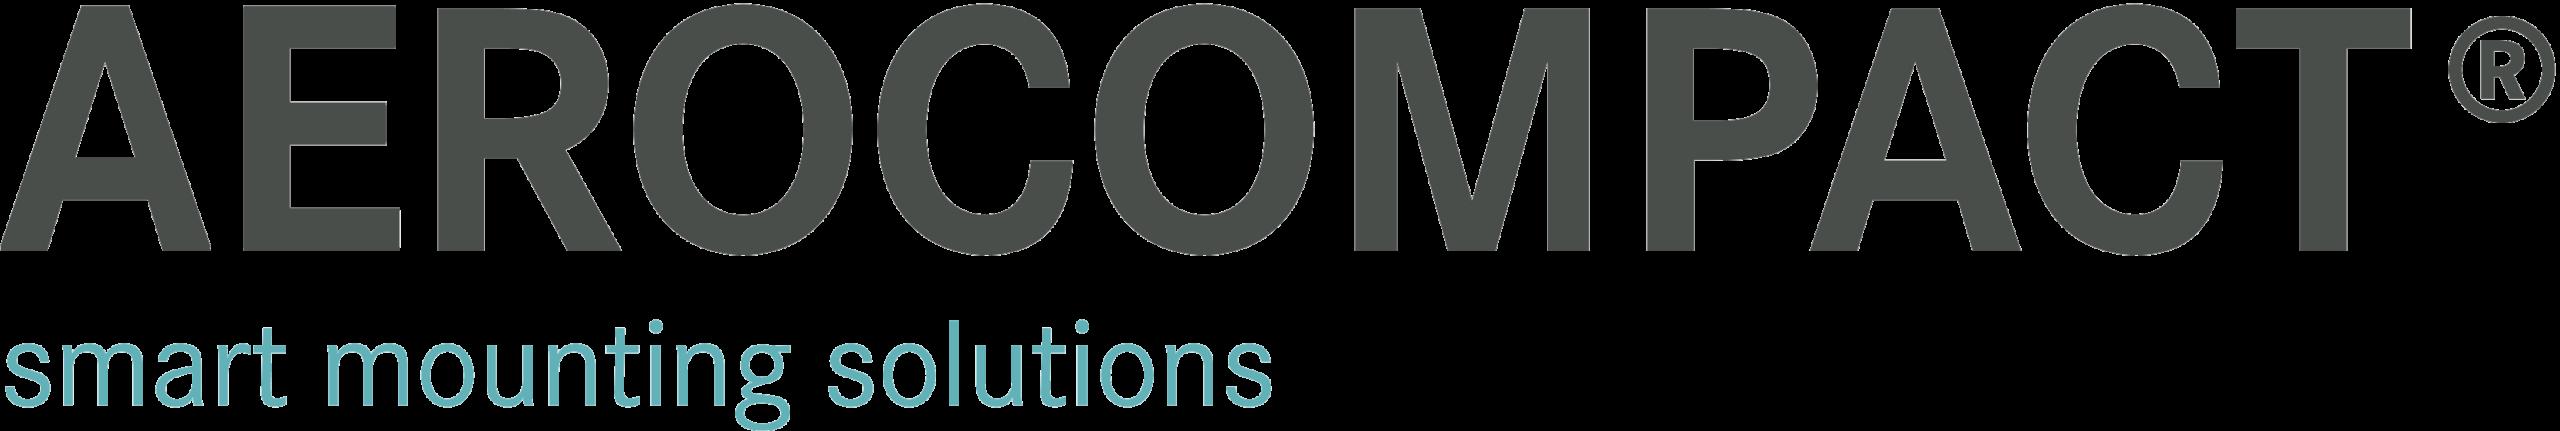 AeroCompact-logo